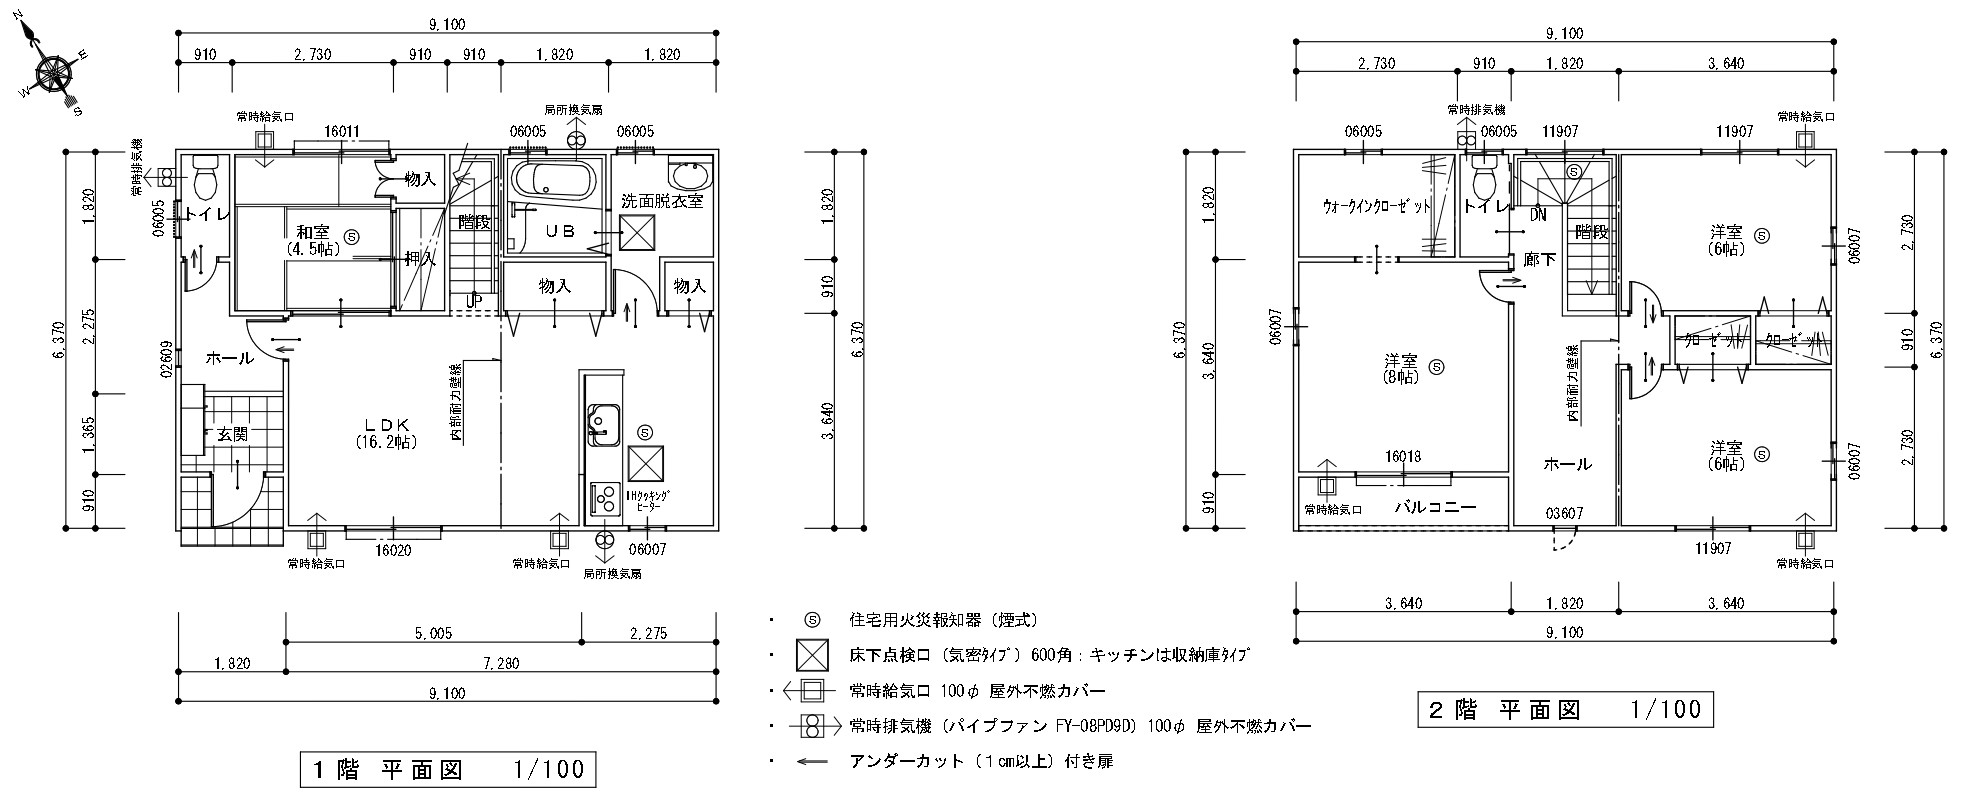 平面図1029_page-0001.jpg